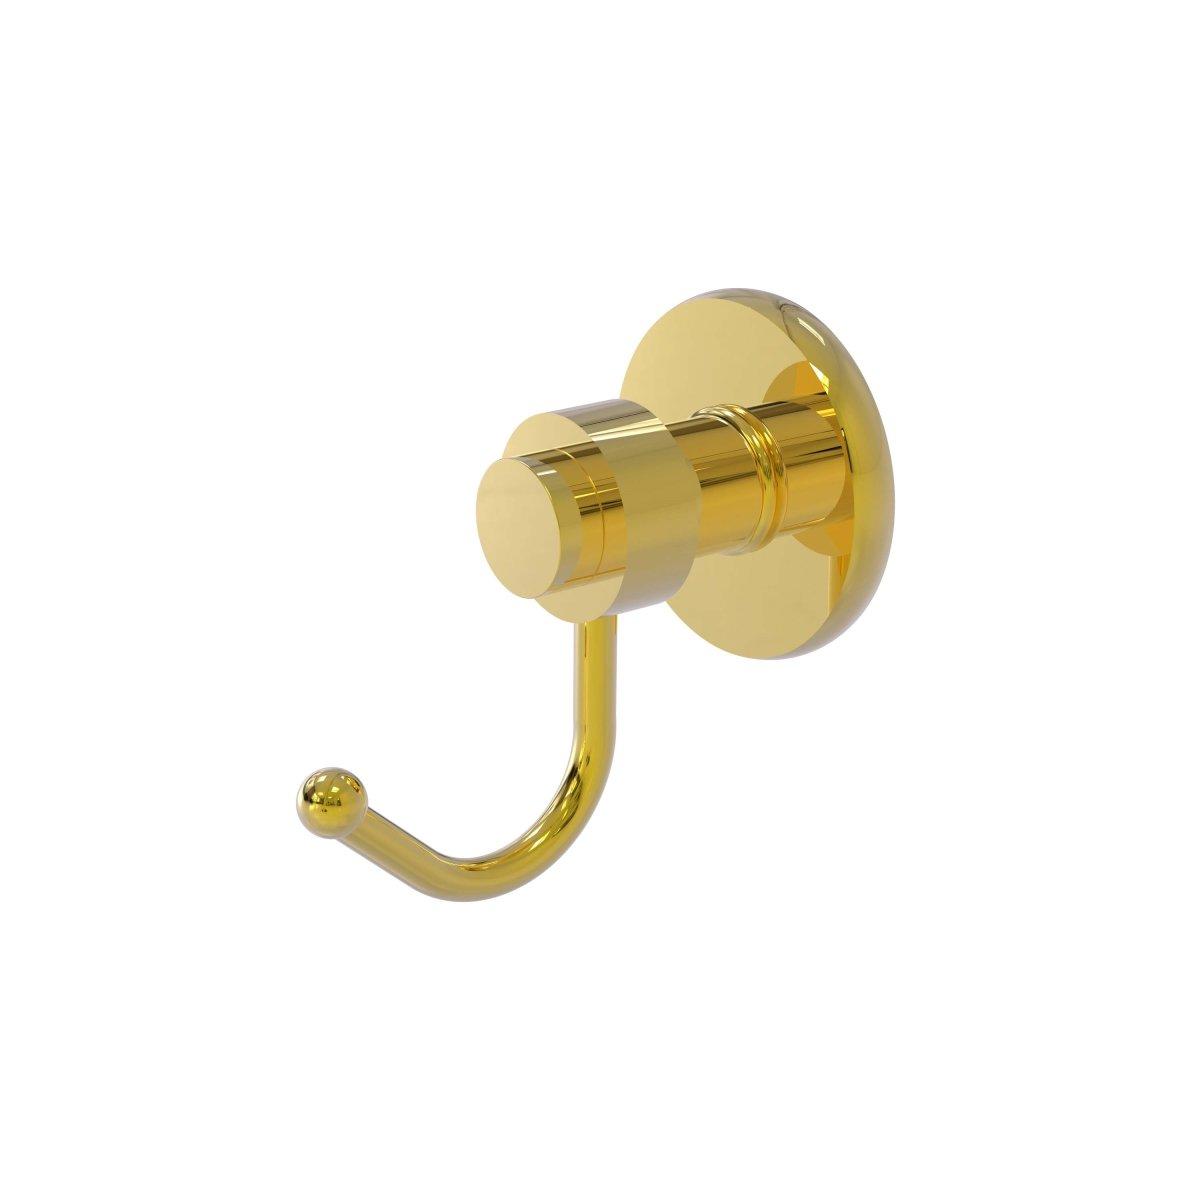 Allied真鍮Mercuryローブフック 920-UNL B01NBIWTCP ラッカーなし真鍮 ラッカーなし真鍮